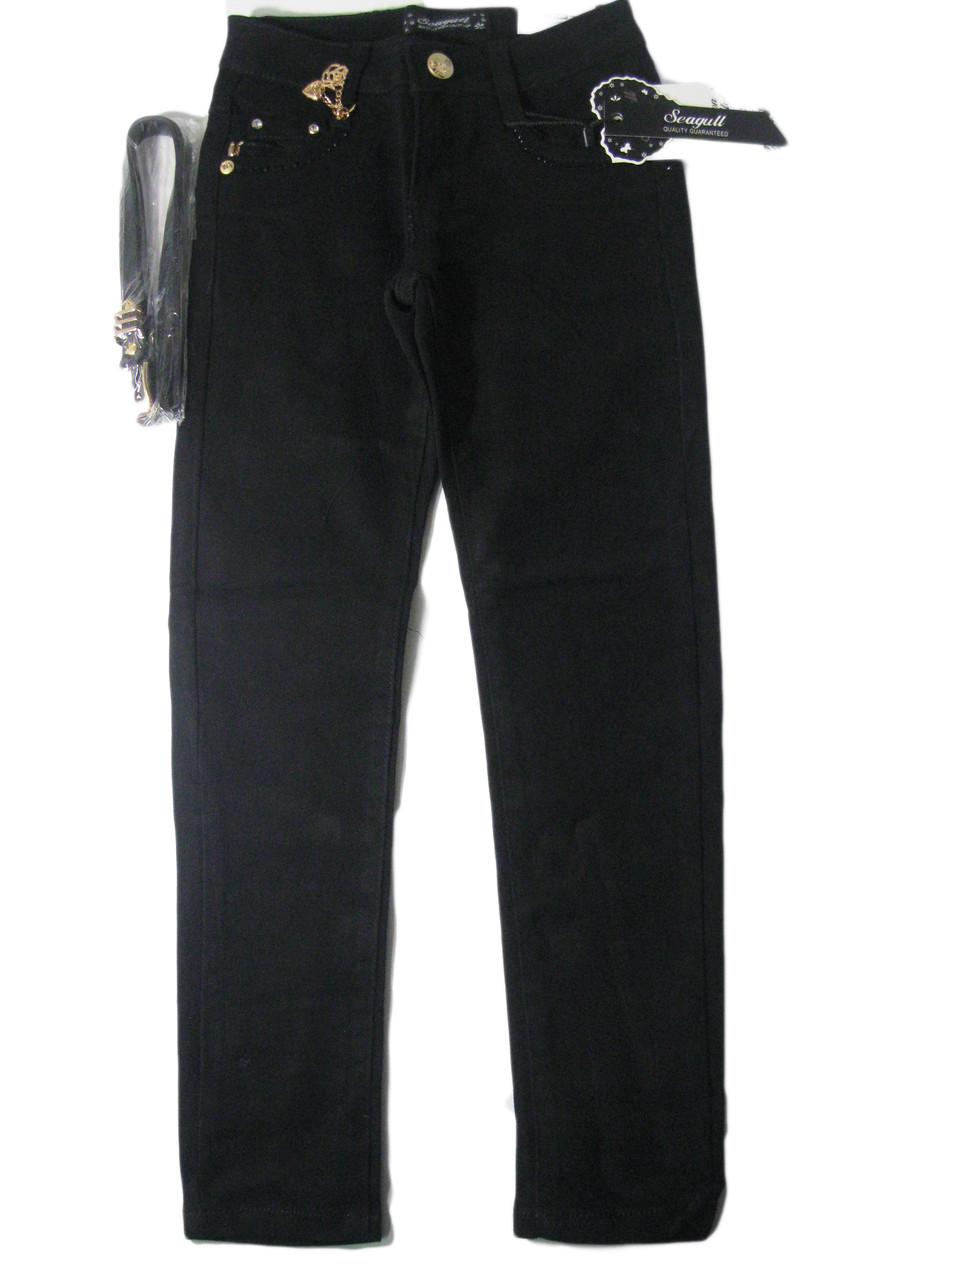 Котоновые брюки для девочек, размеры 140, арт. 88777